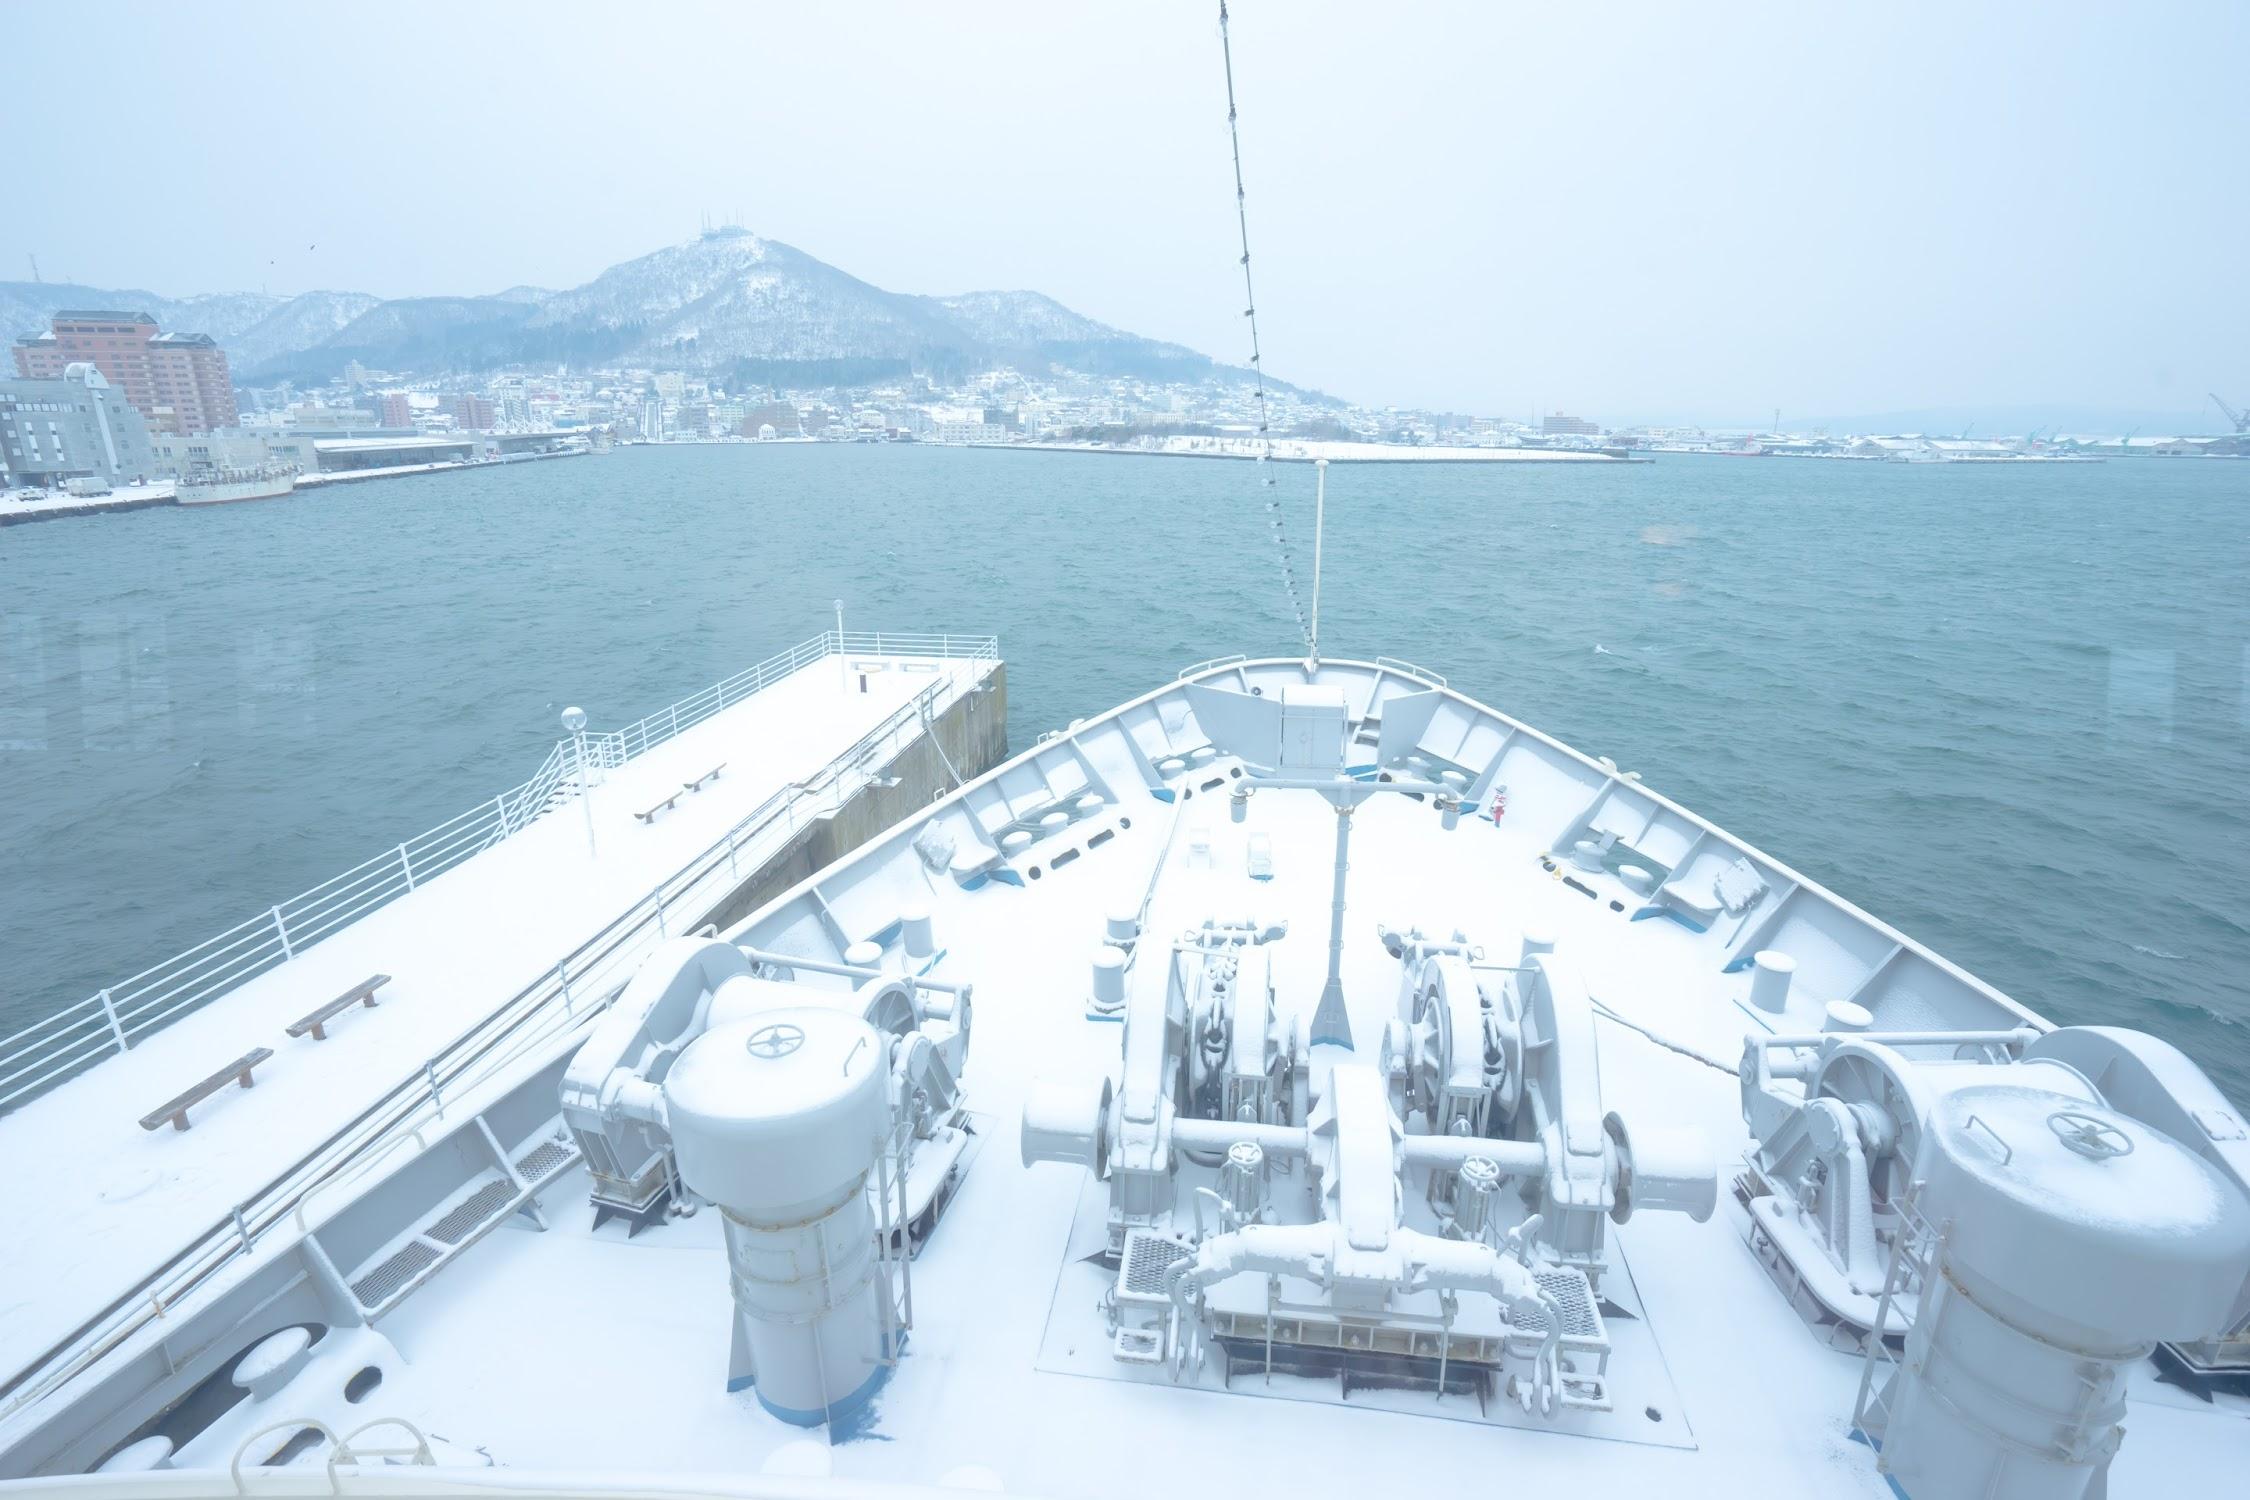 函館市青函連絡船記念館摩周丸 甲板